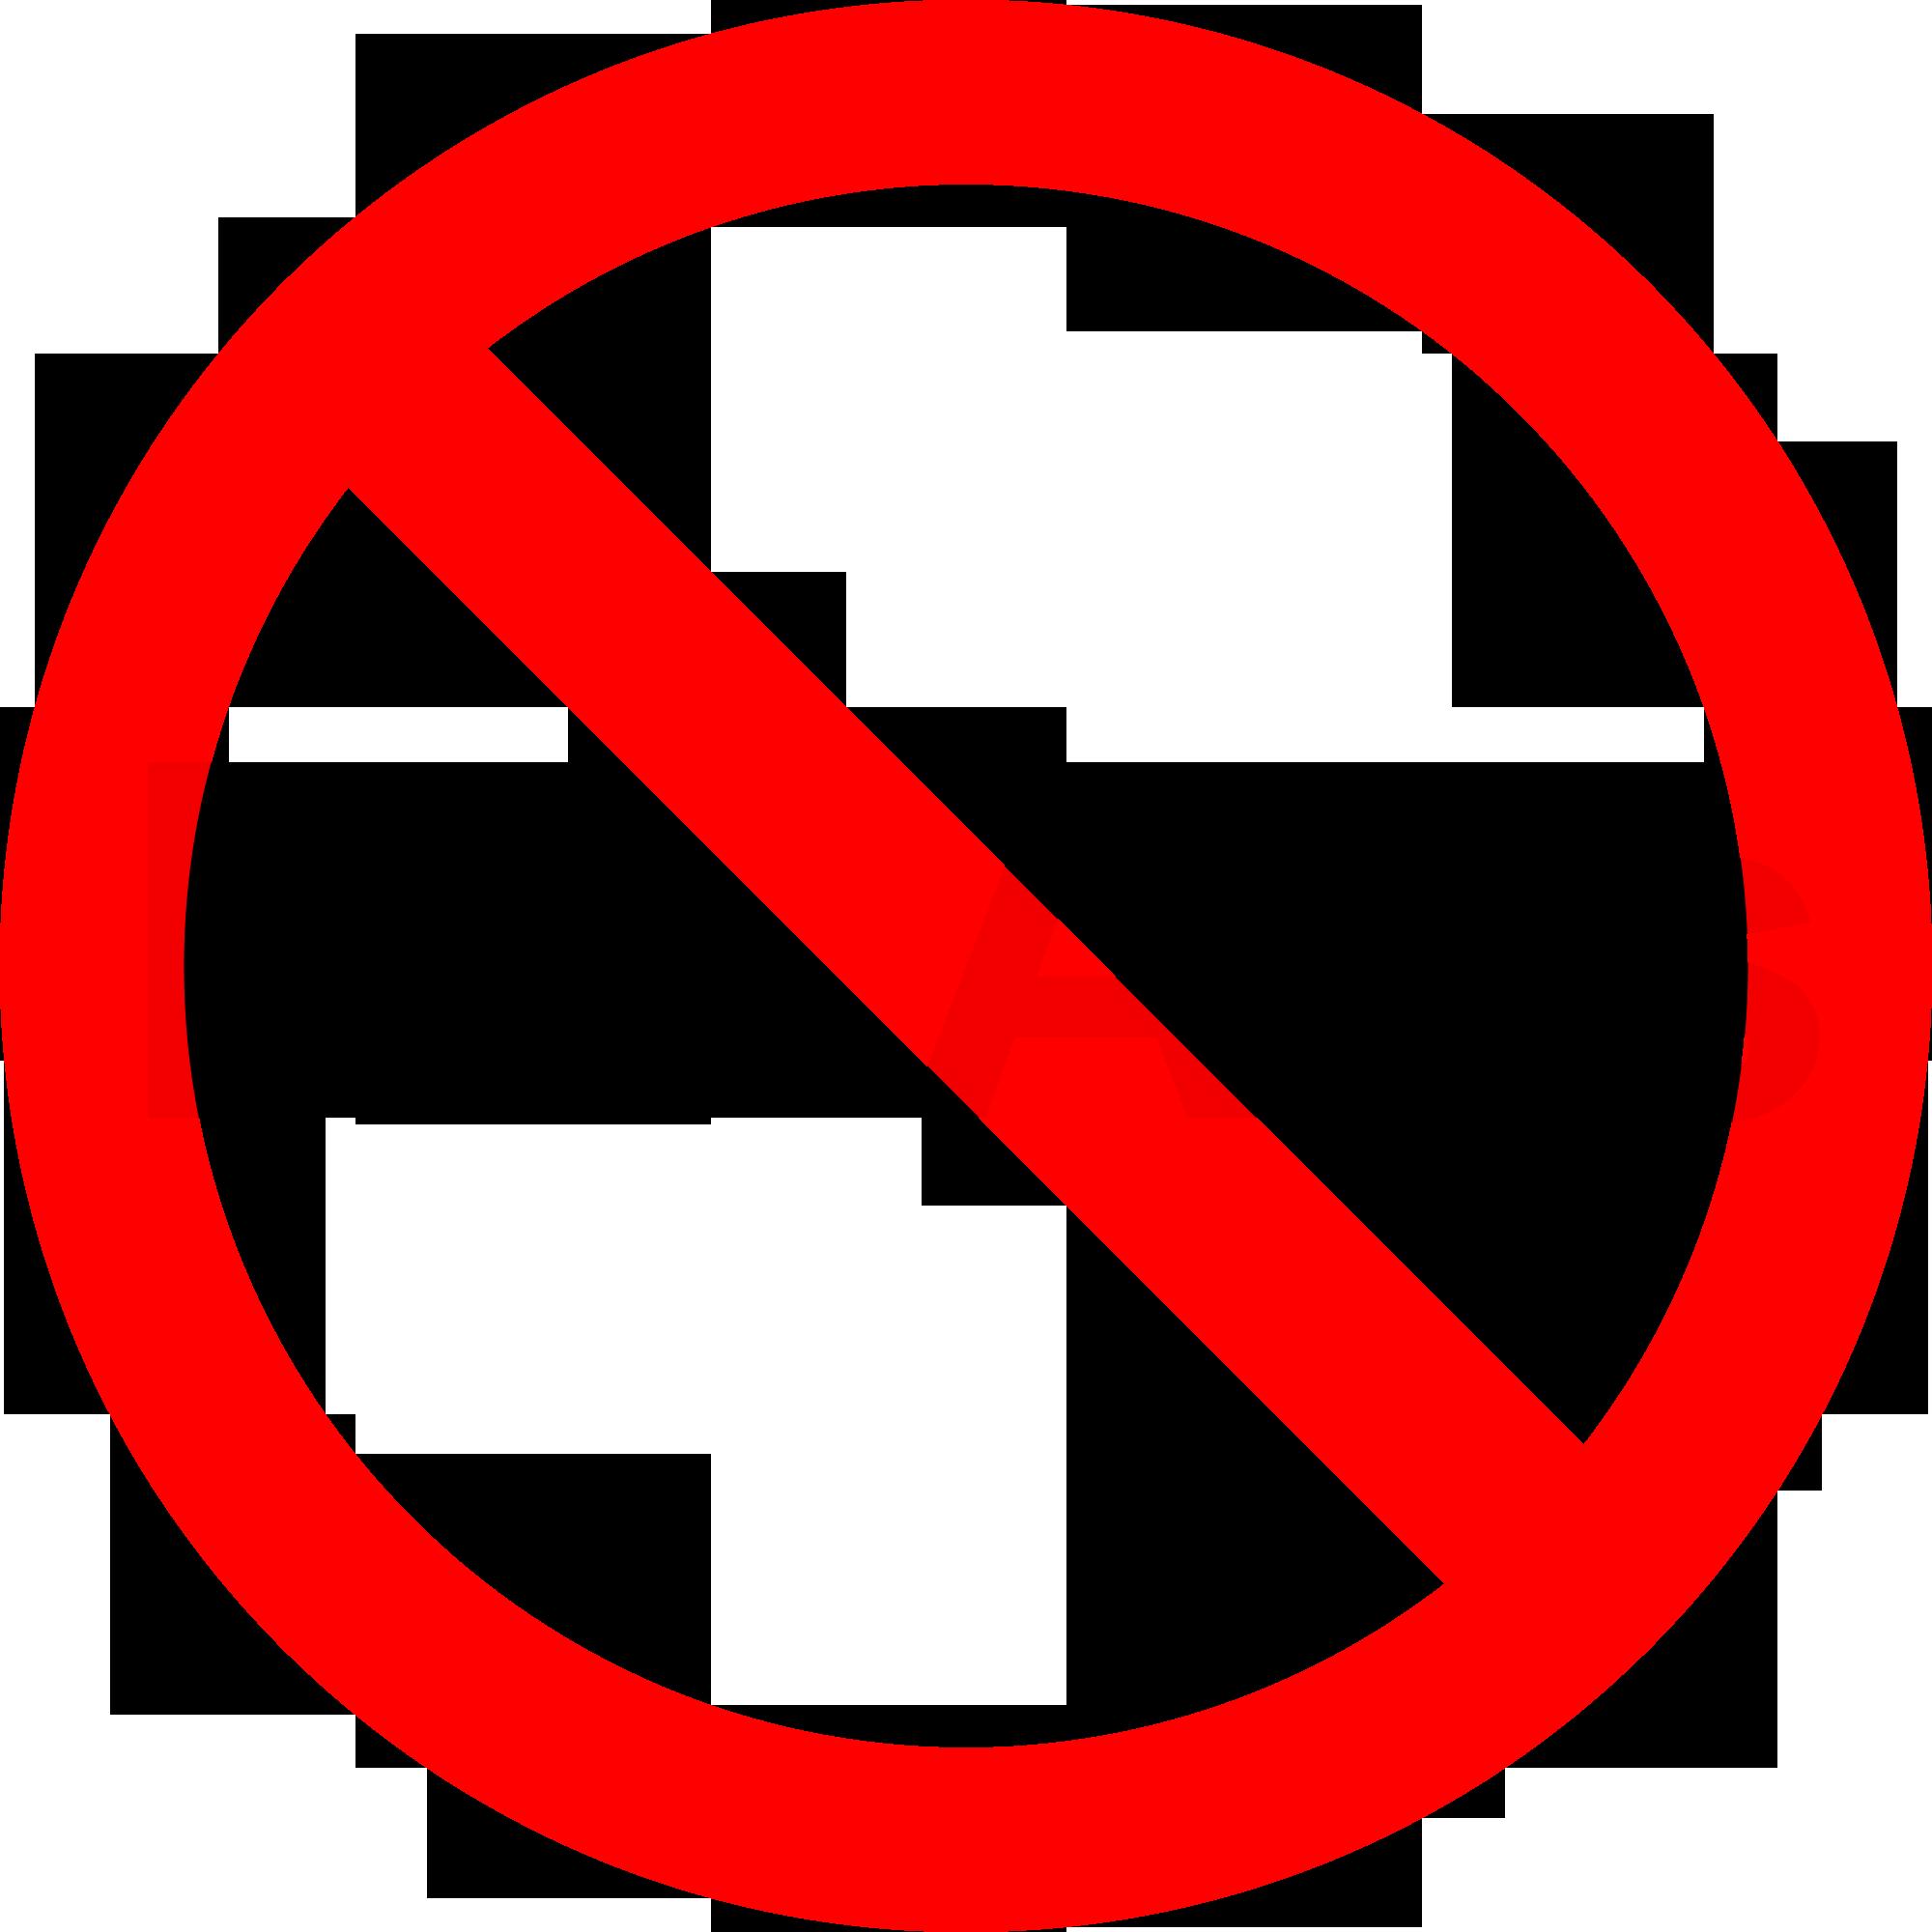 no ads sign, no ads, keine bannerwerbung, powderplus